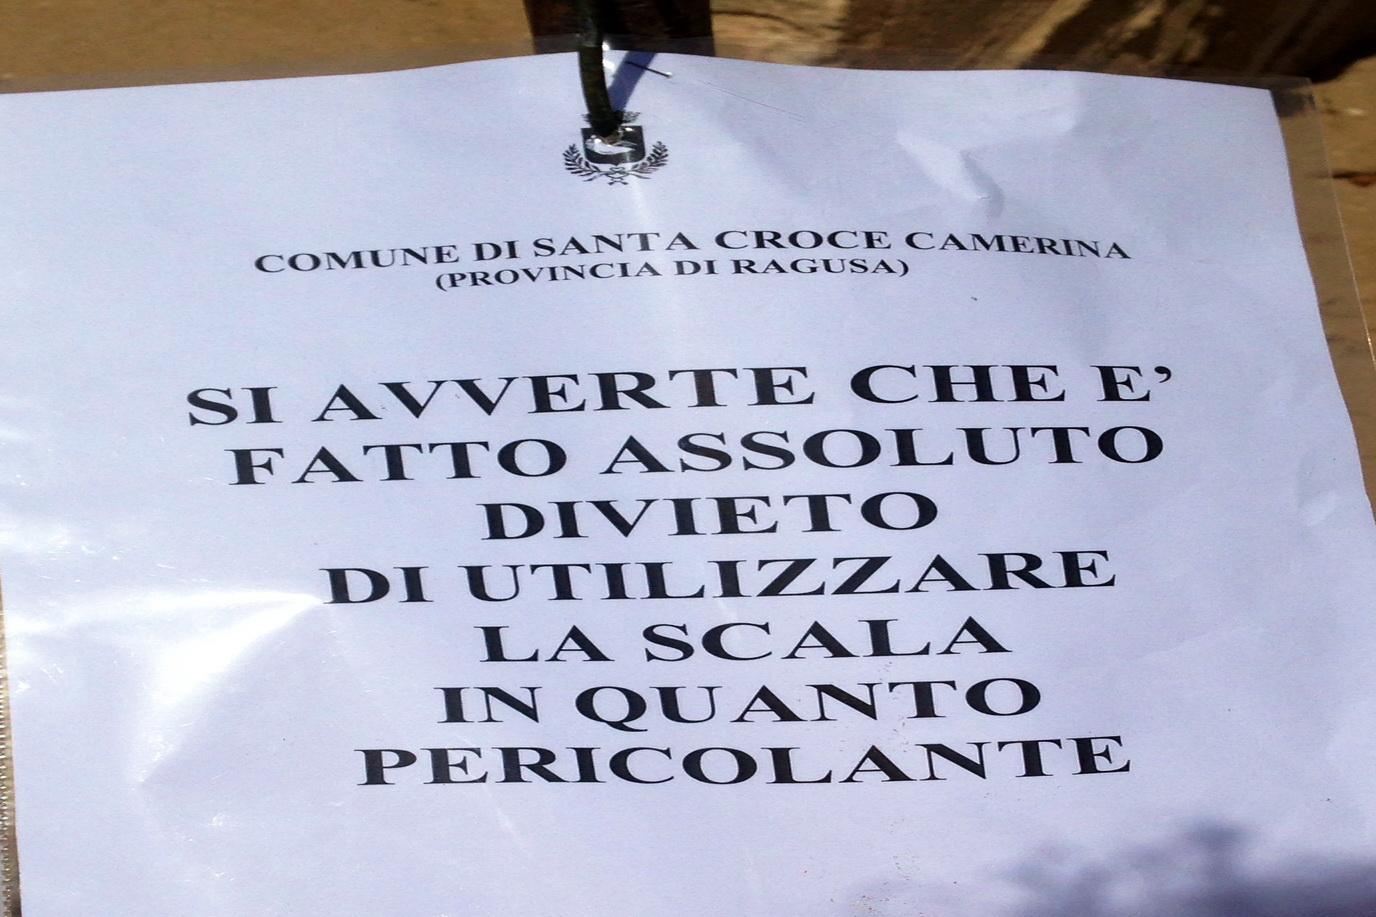 Caucana, spunta il divieto per l'utilizzo di una scala pericolante: i villeggianti si arrabbiano